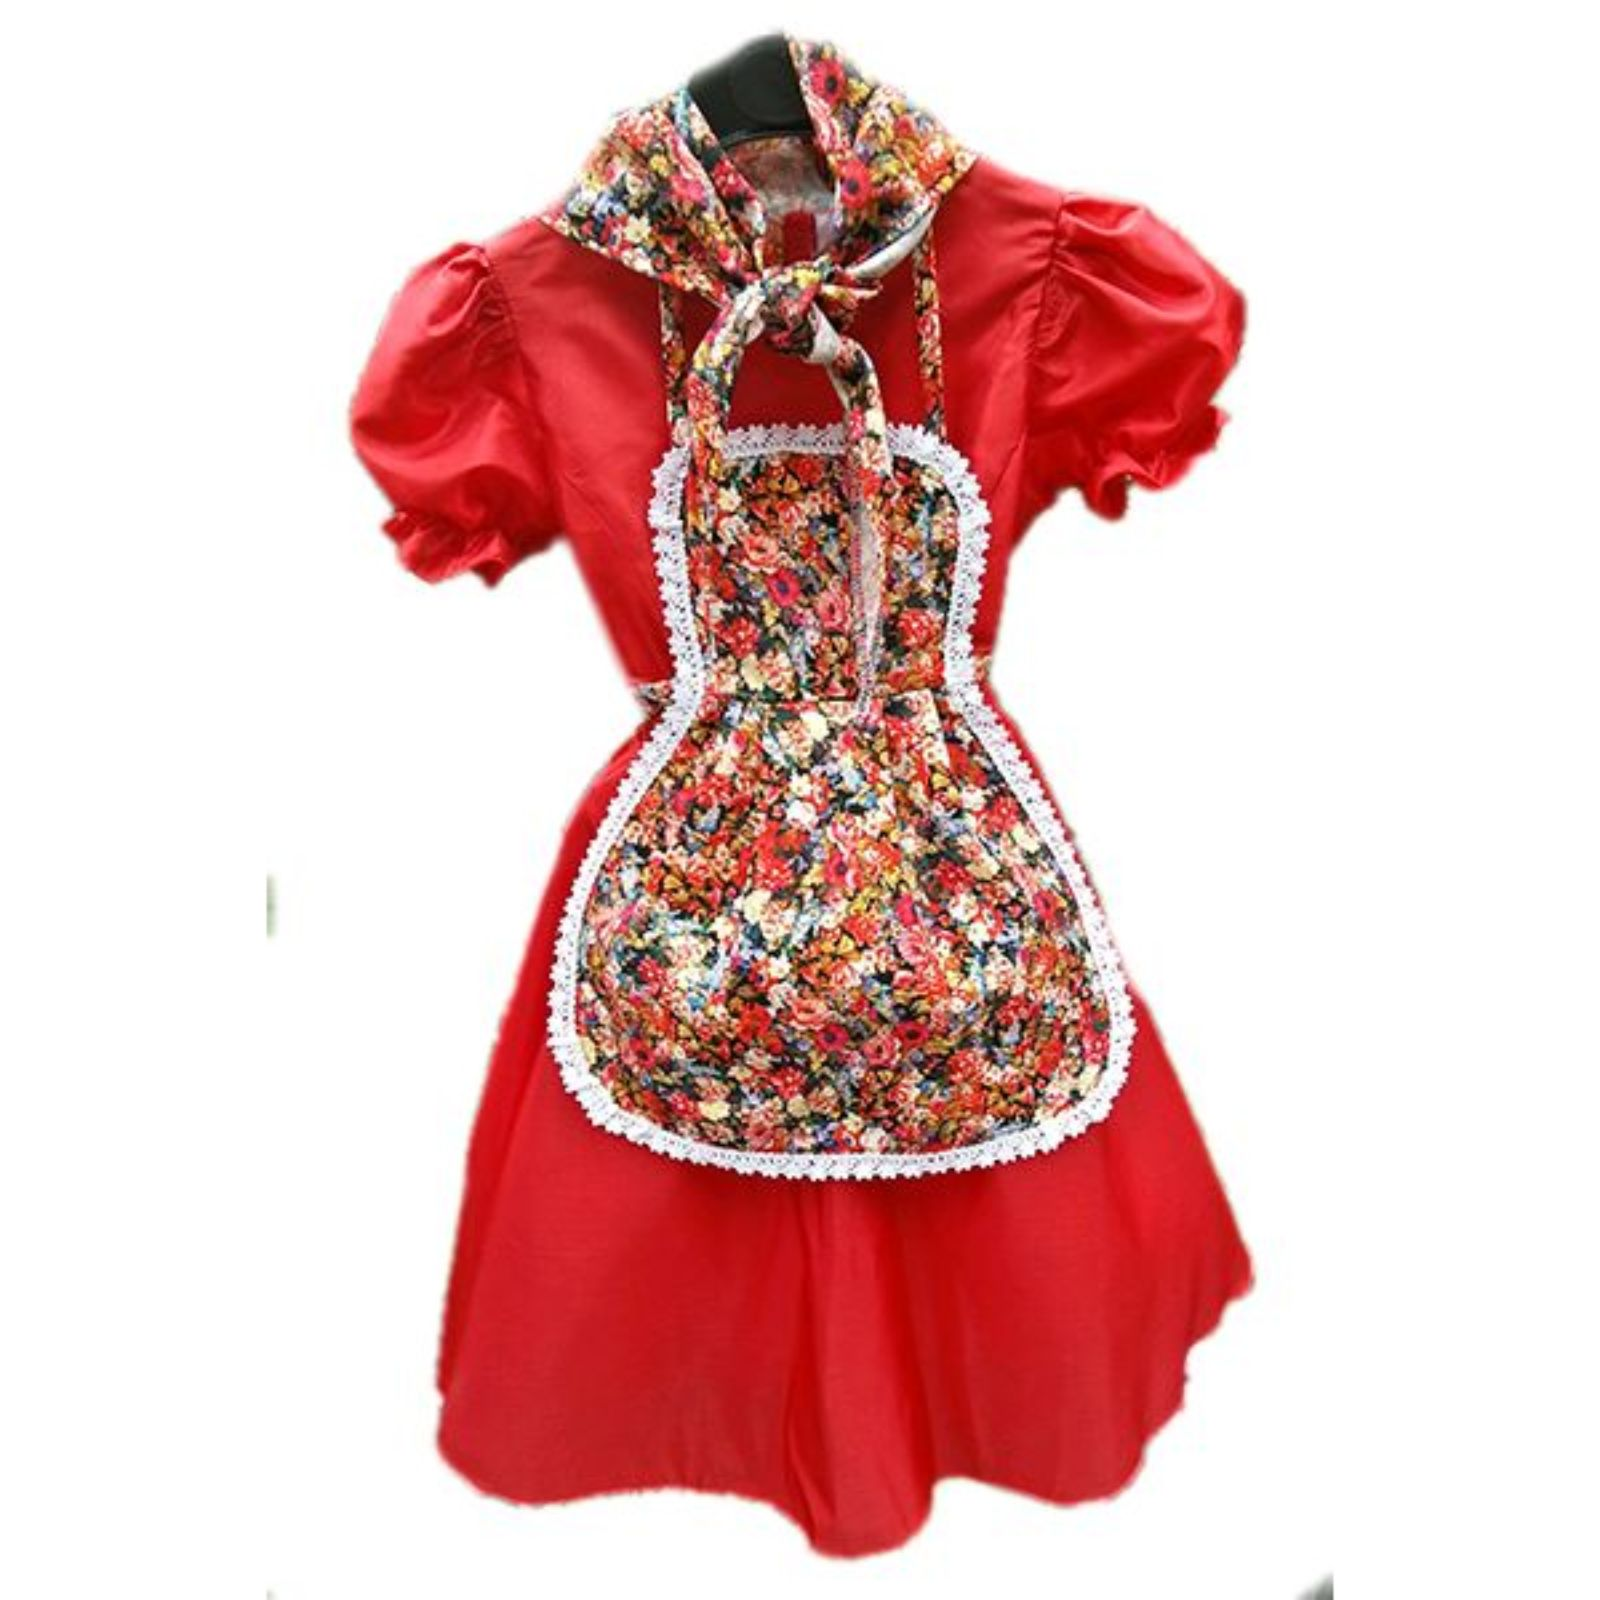 Rochița roșie cu șorțuleț și batic